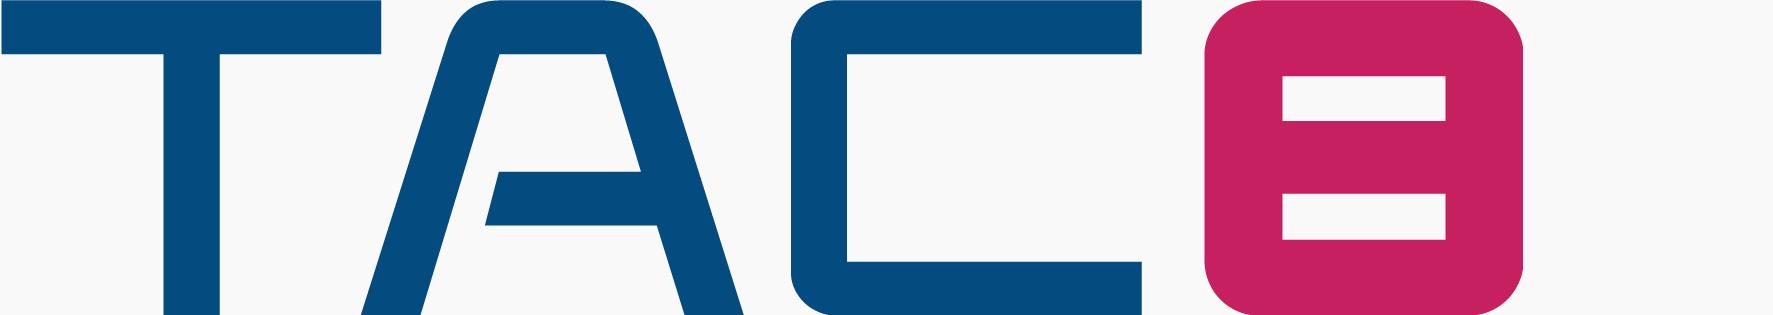 TAC8_logo